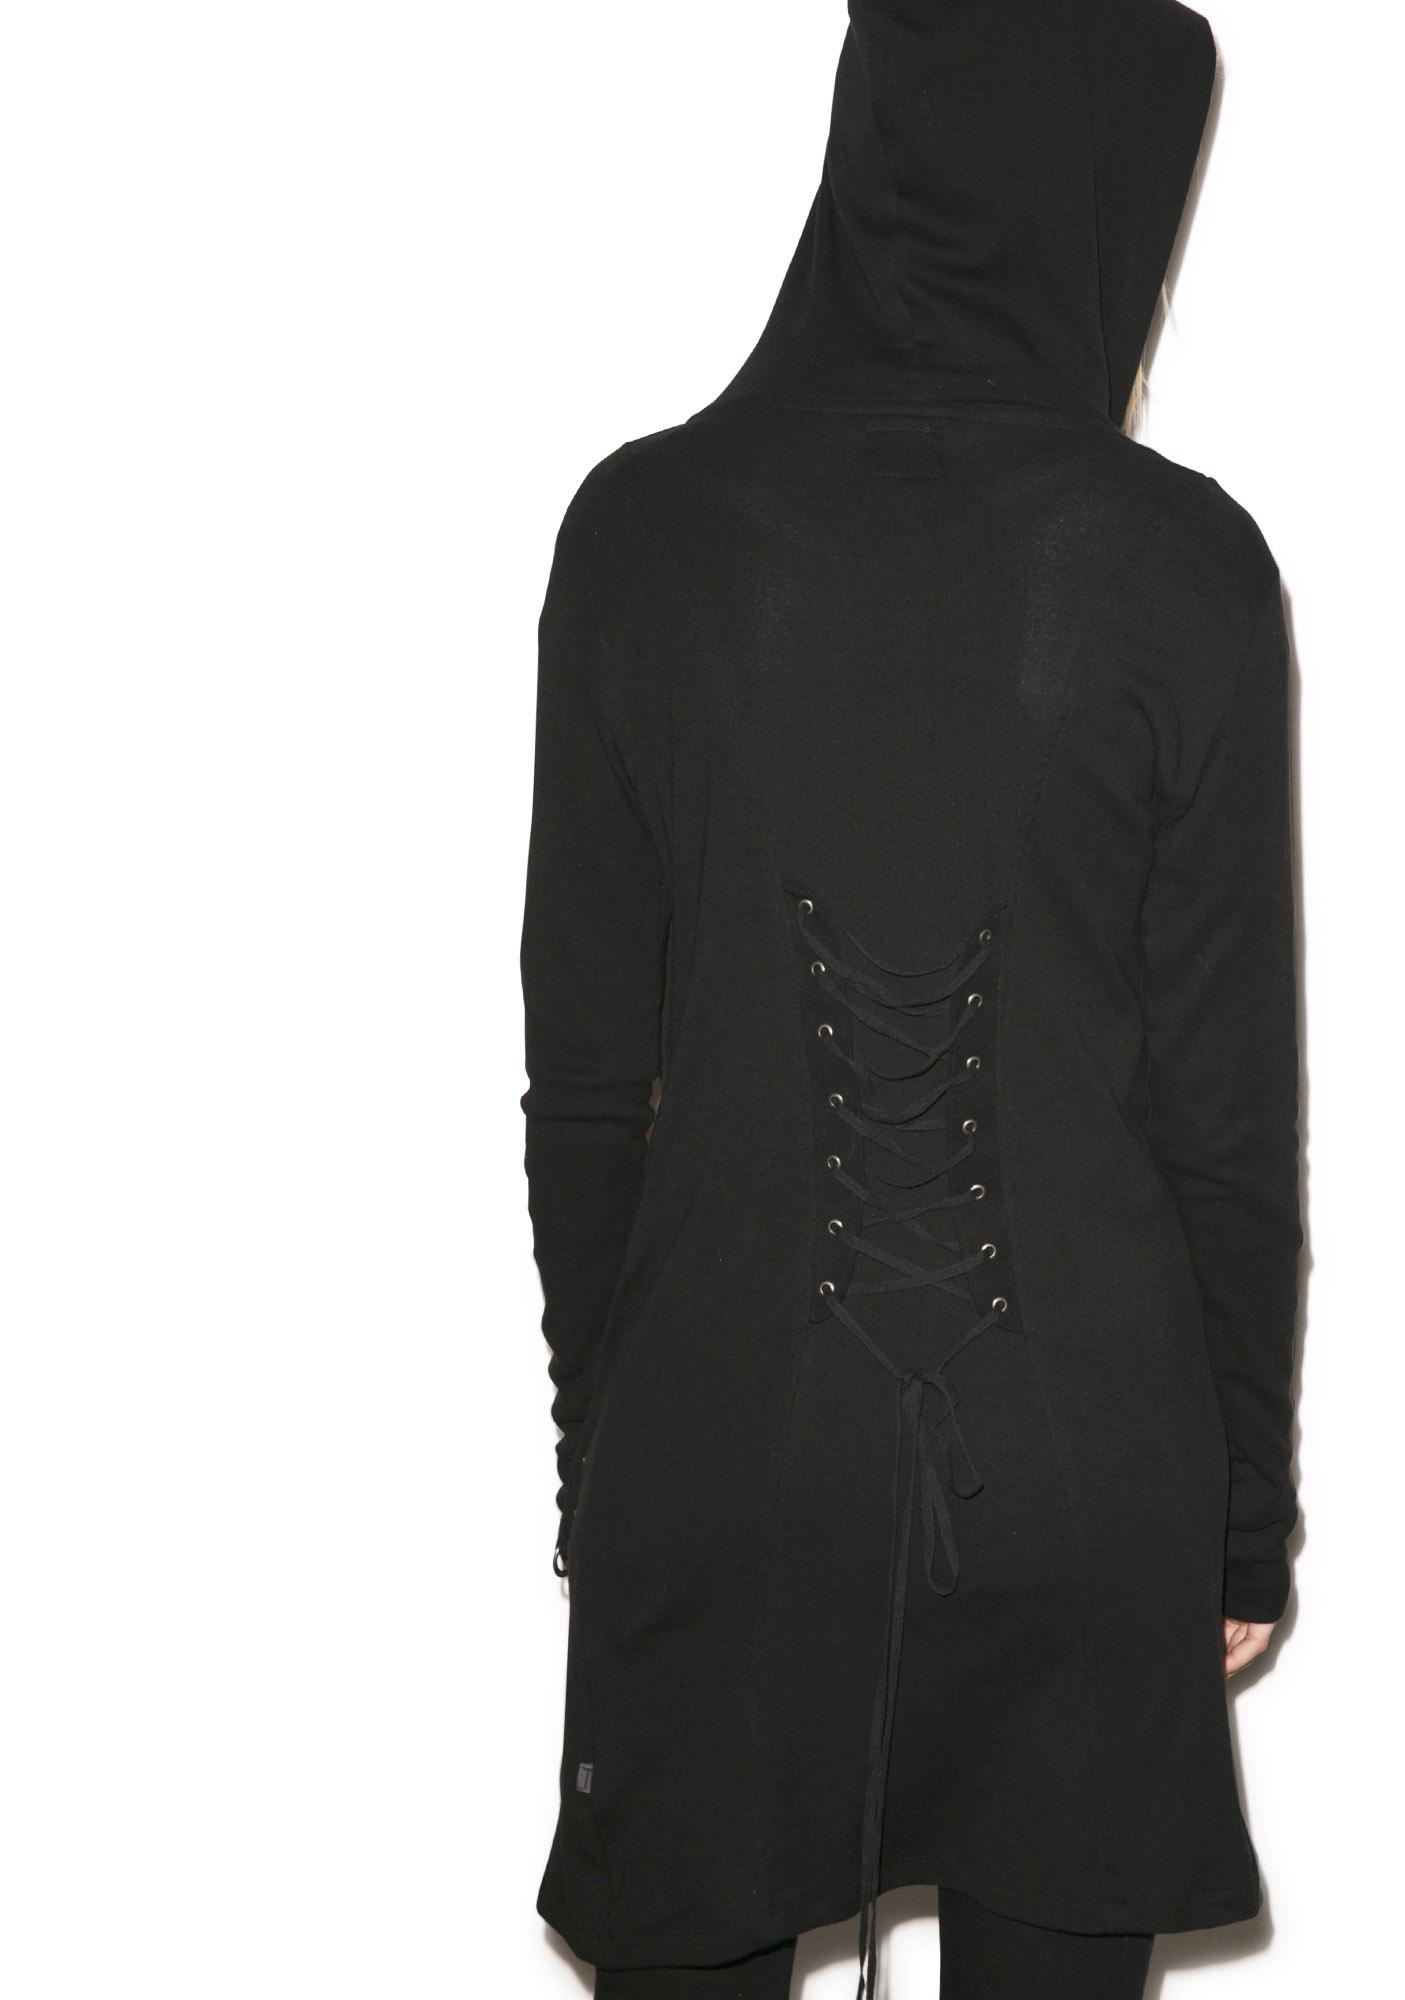 Tripp hoodie